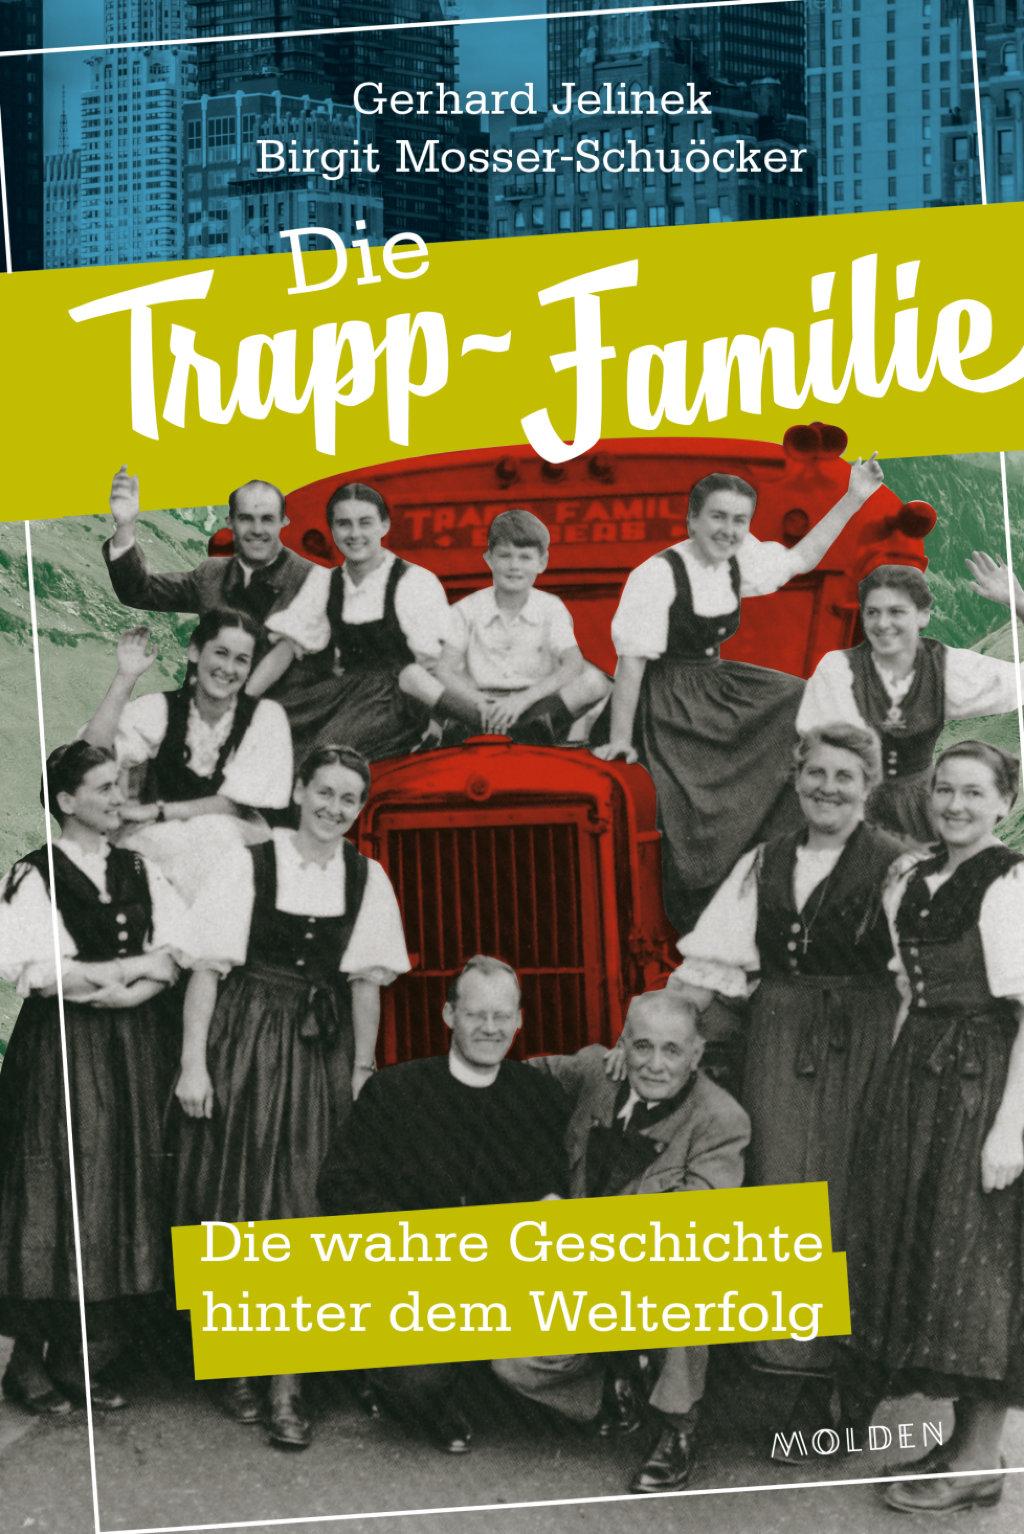 Trapp-Familie Buchbeschreibung